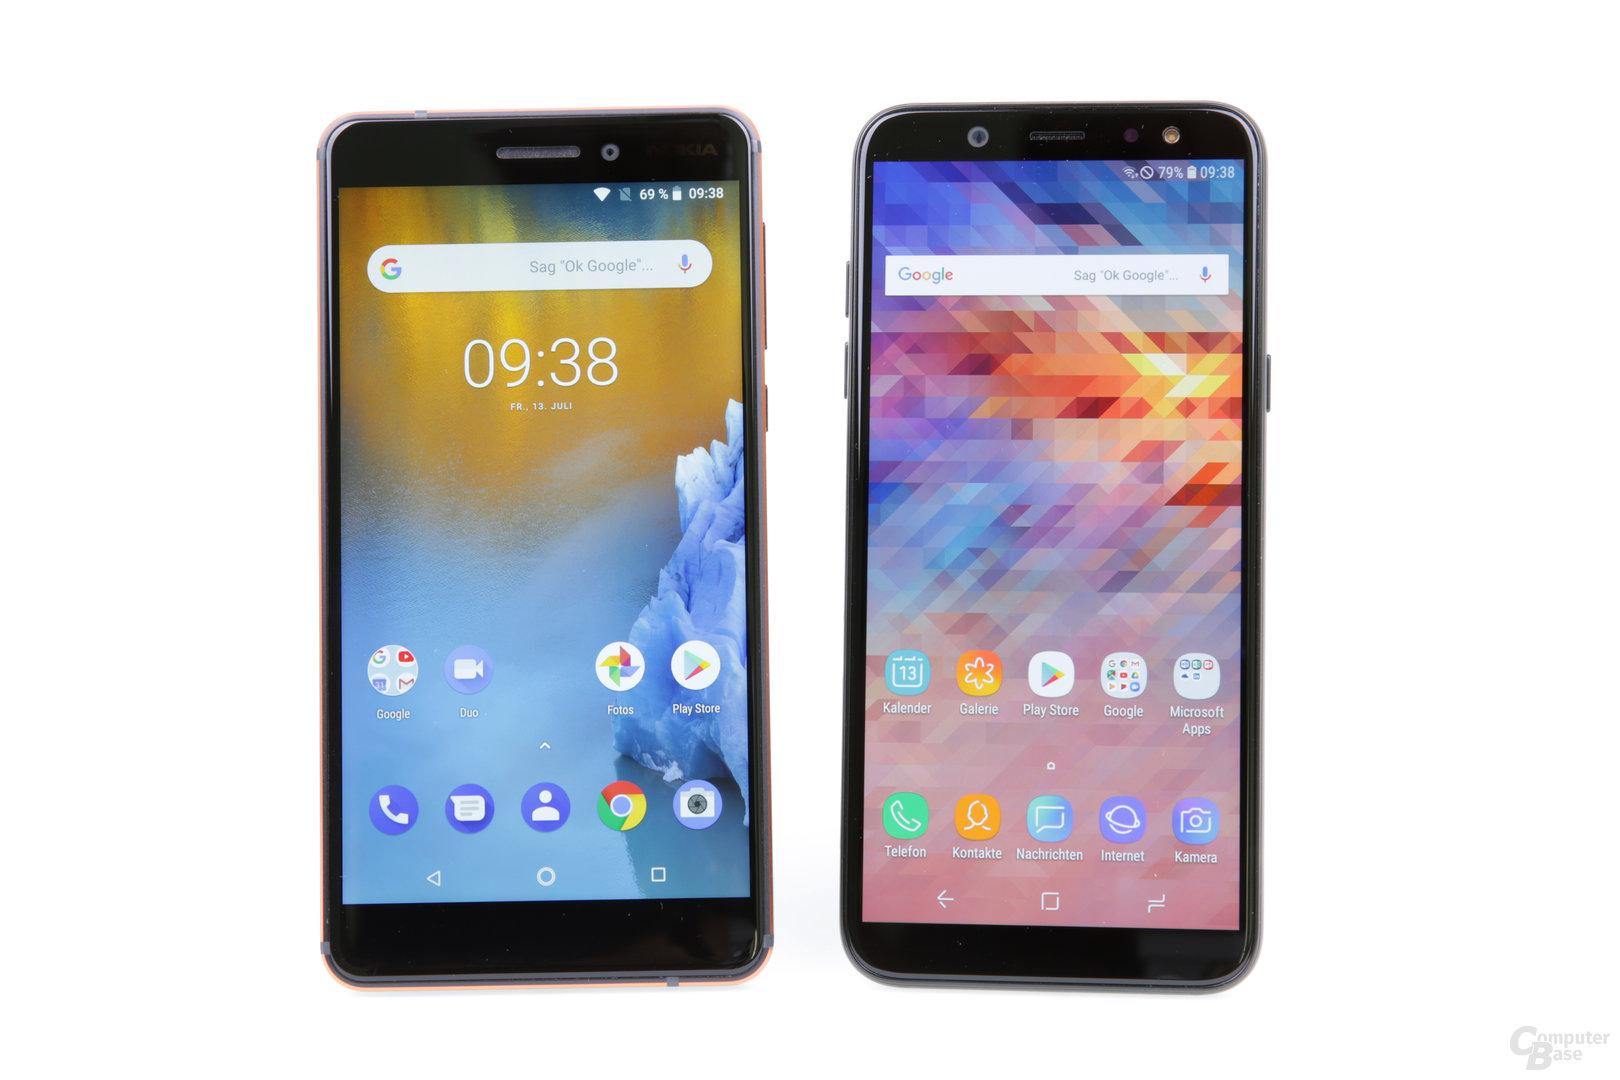 5,5 Zoll in 16:9 bei Nokia und 5,6 Zoll in 18,5:9 bei Samsung